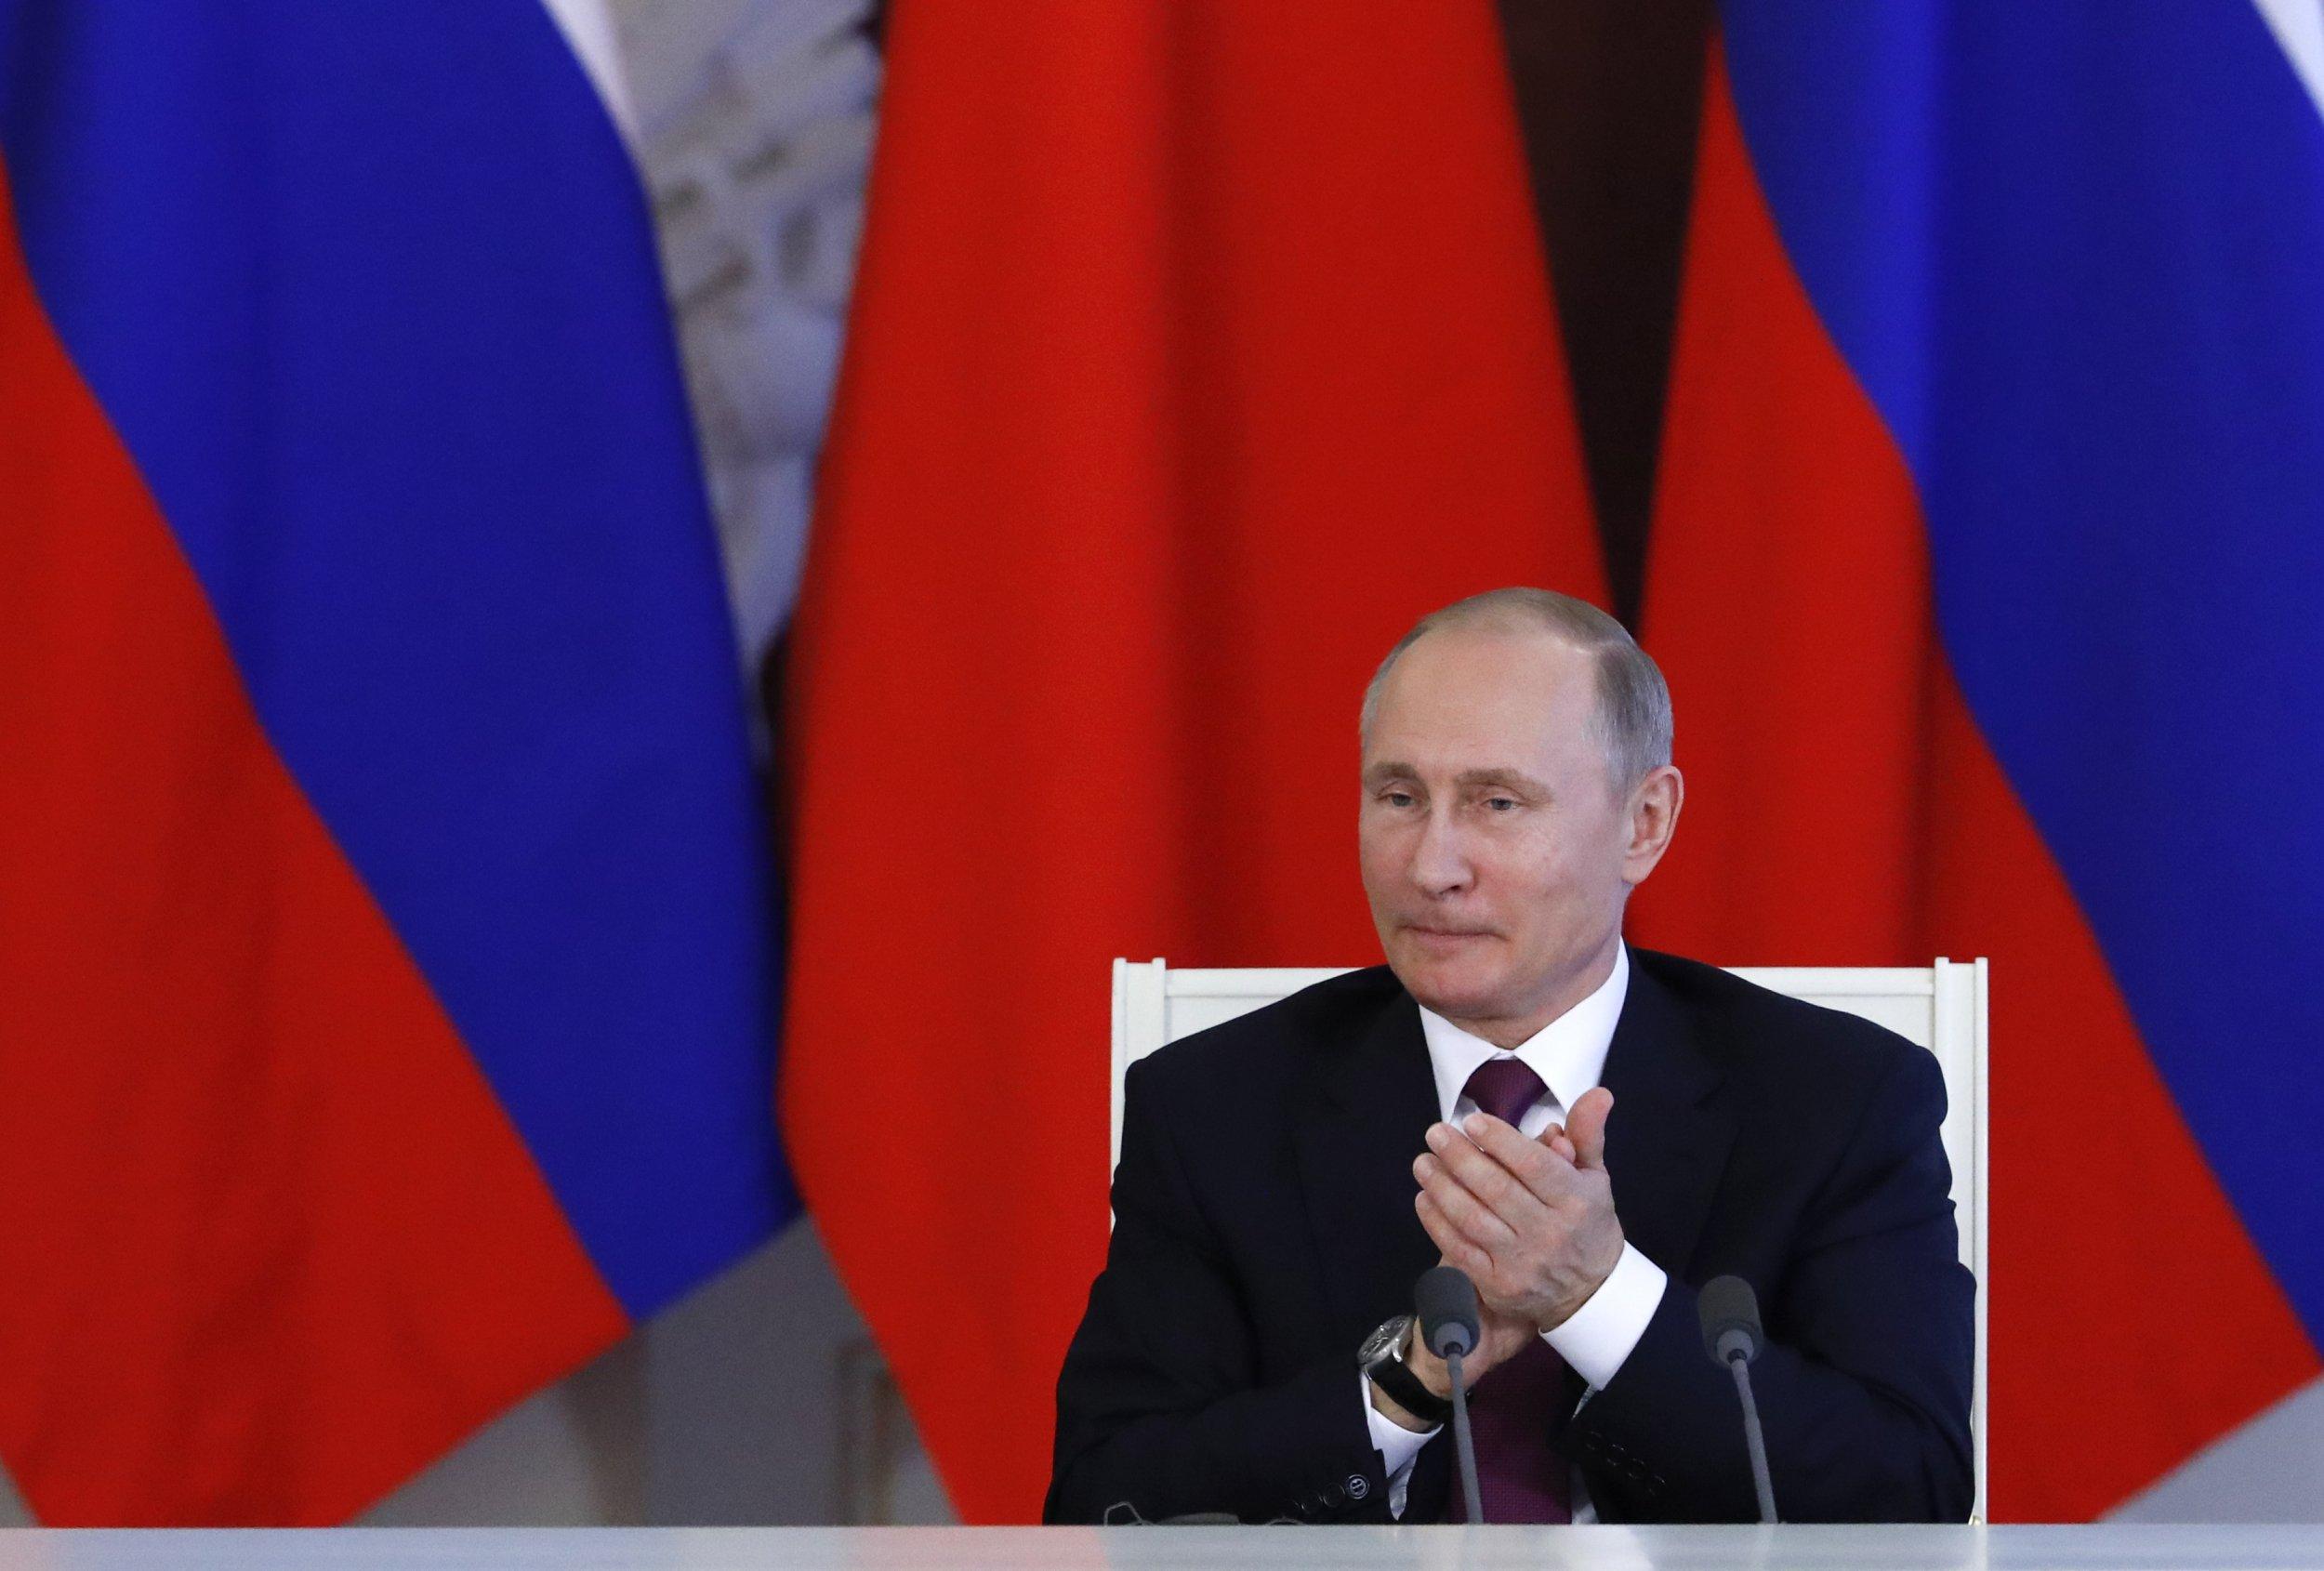 Putin claps